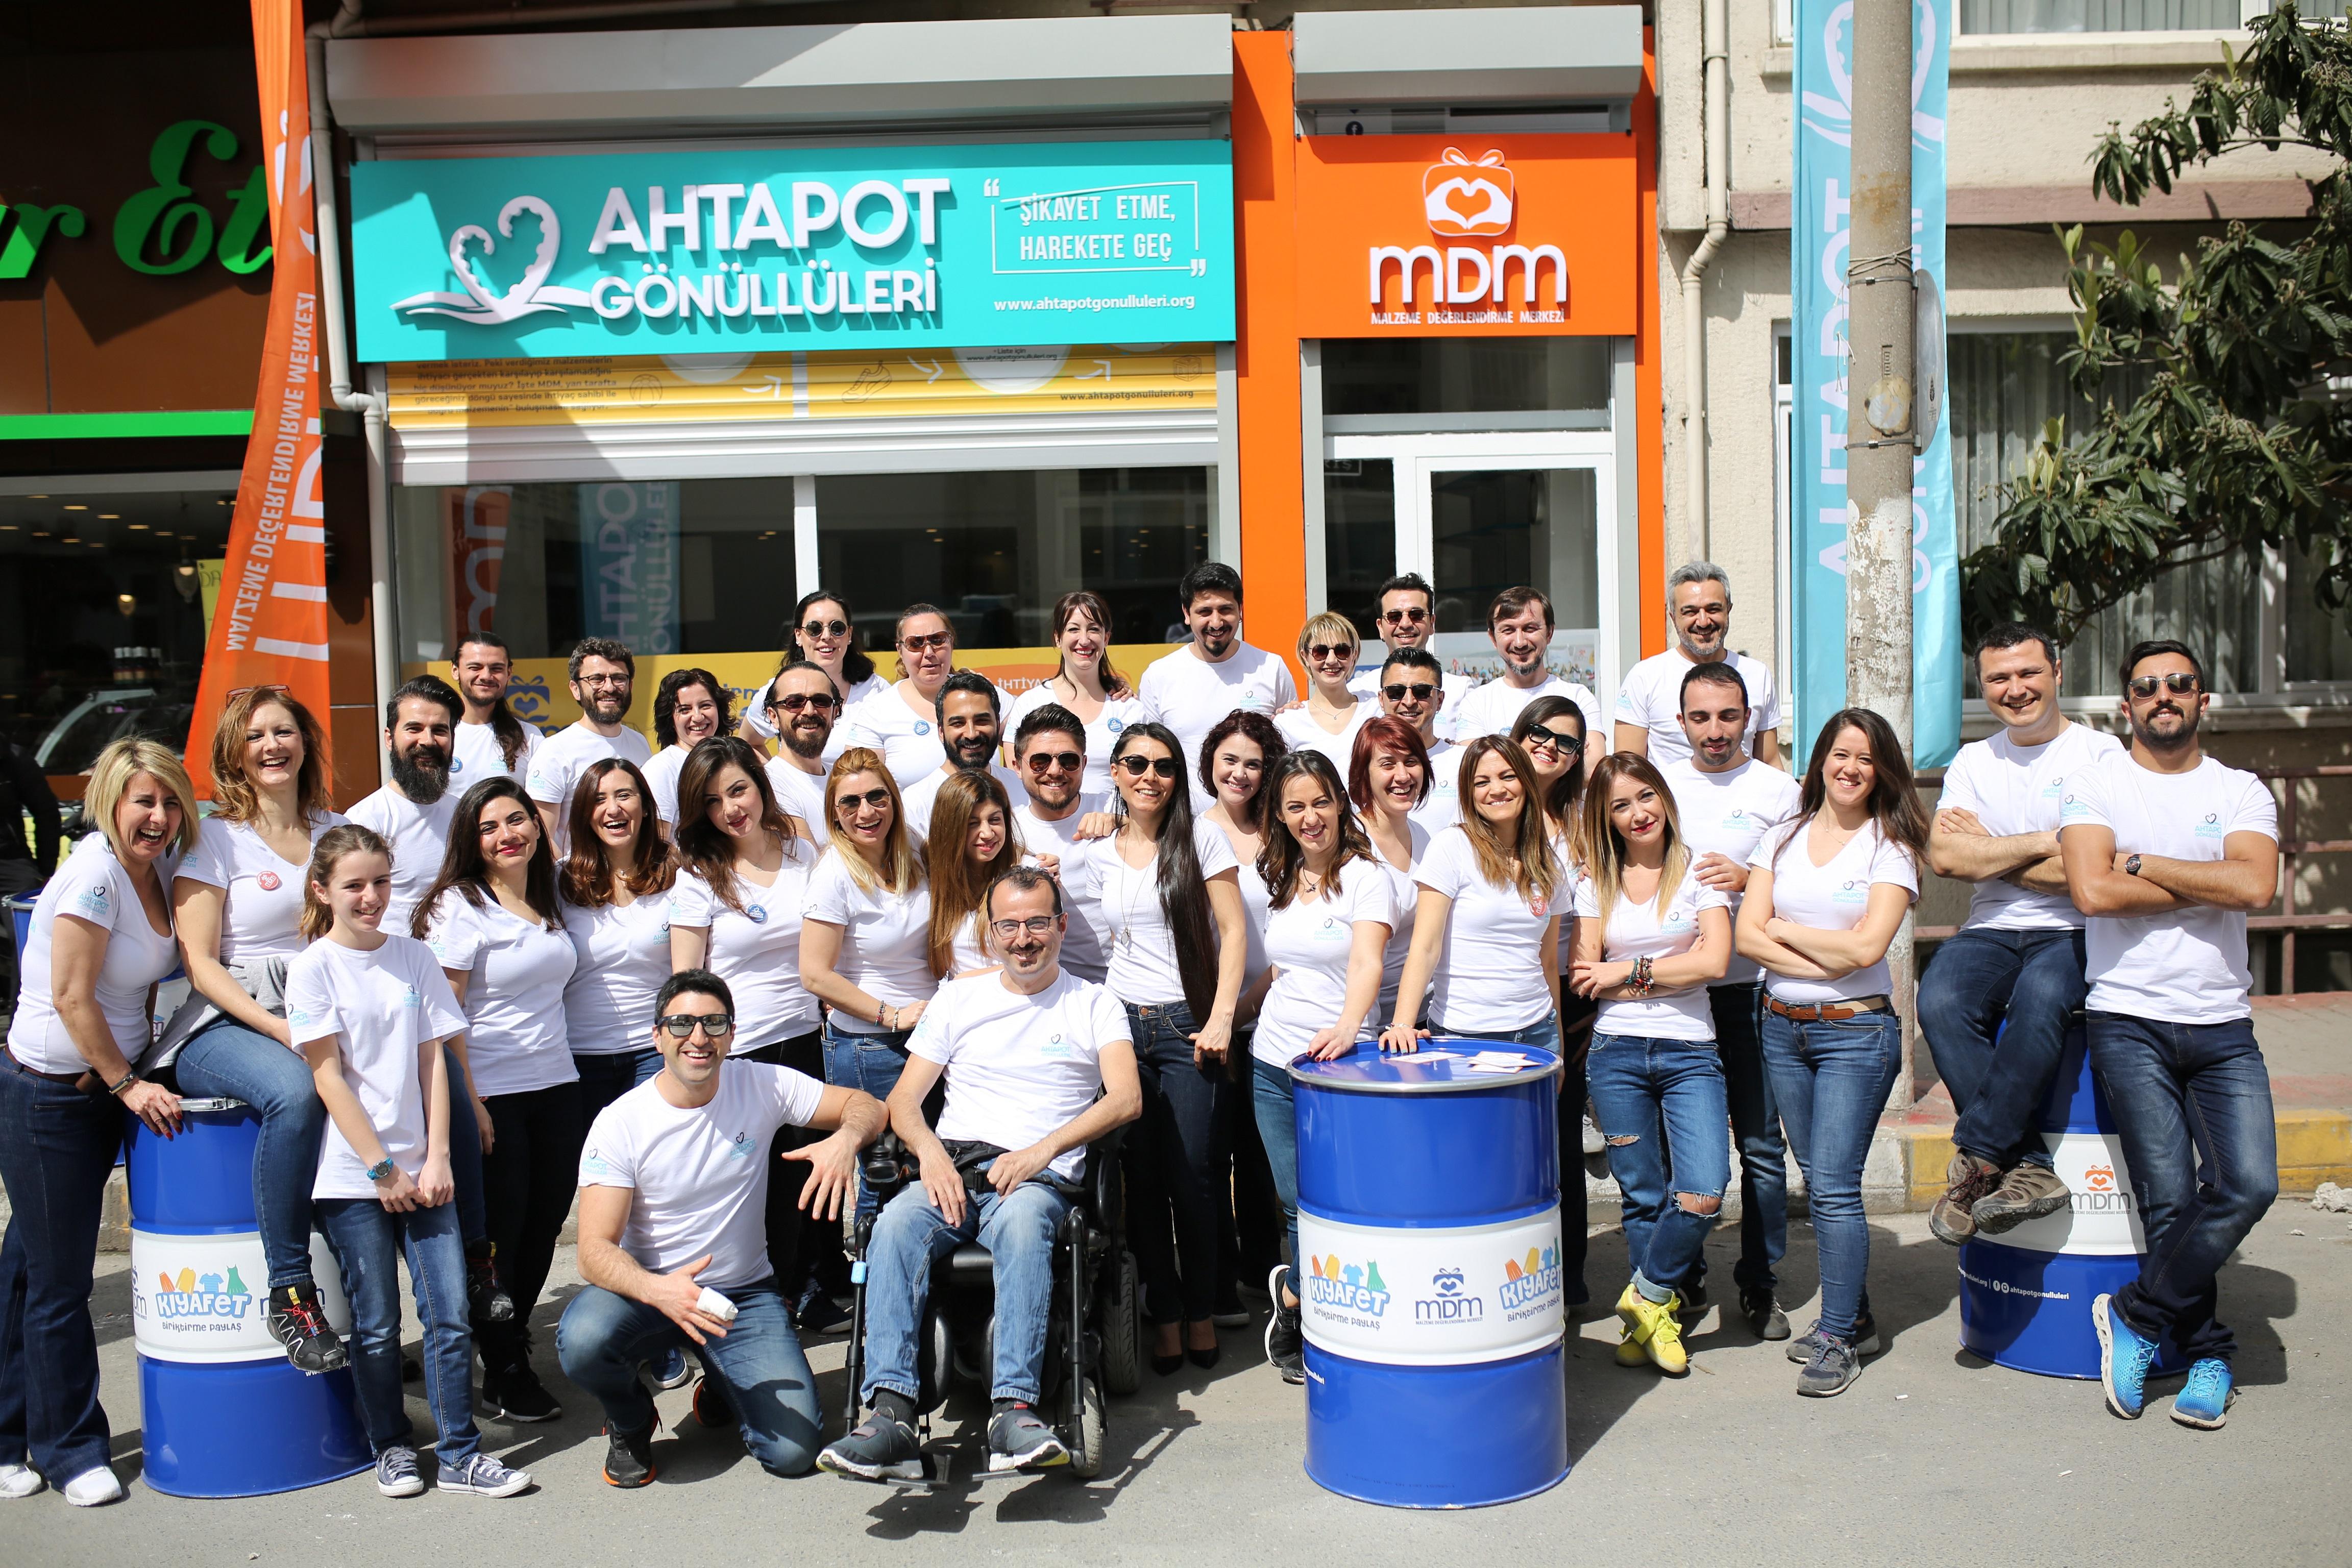 Ahtapot Gönüllüleri, Malzeme Değerlendirme Merkezi'ni açtı